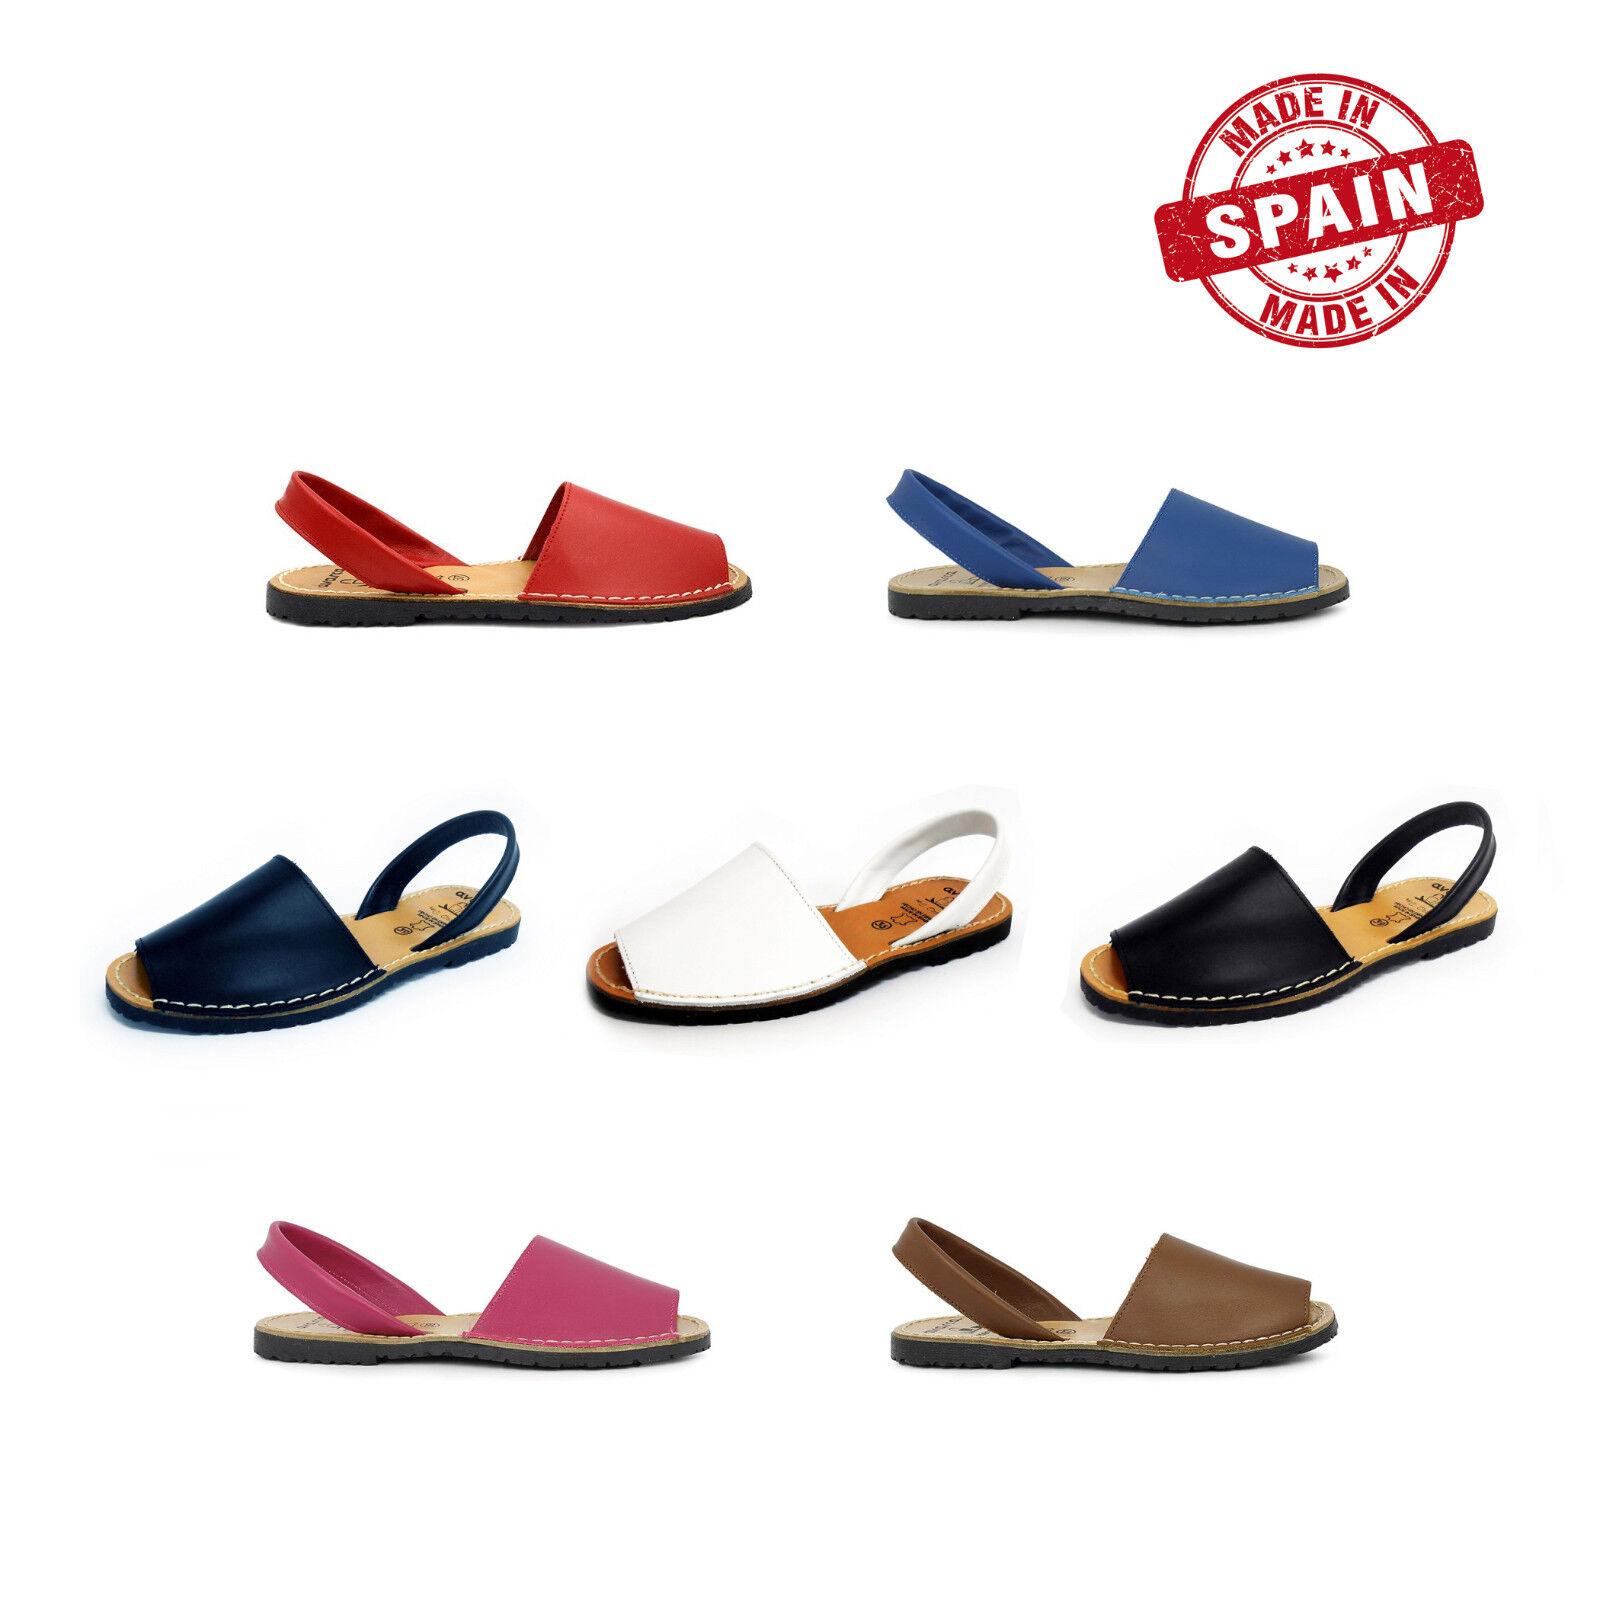 Avarcas Menorcan Ibicencas Sandals leather Woman size 35 36 37 38 39 40 41